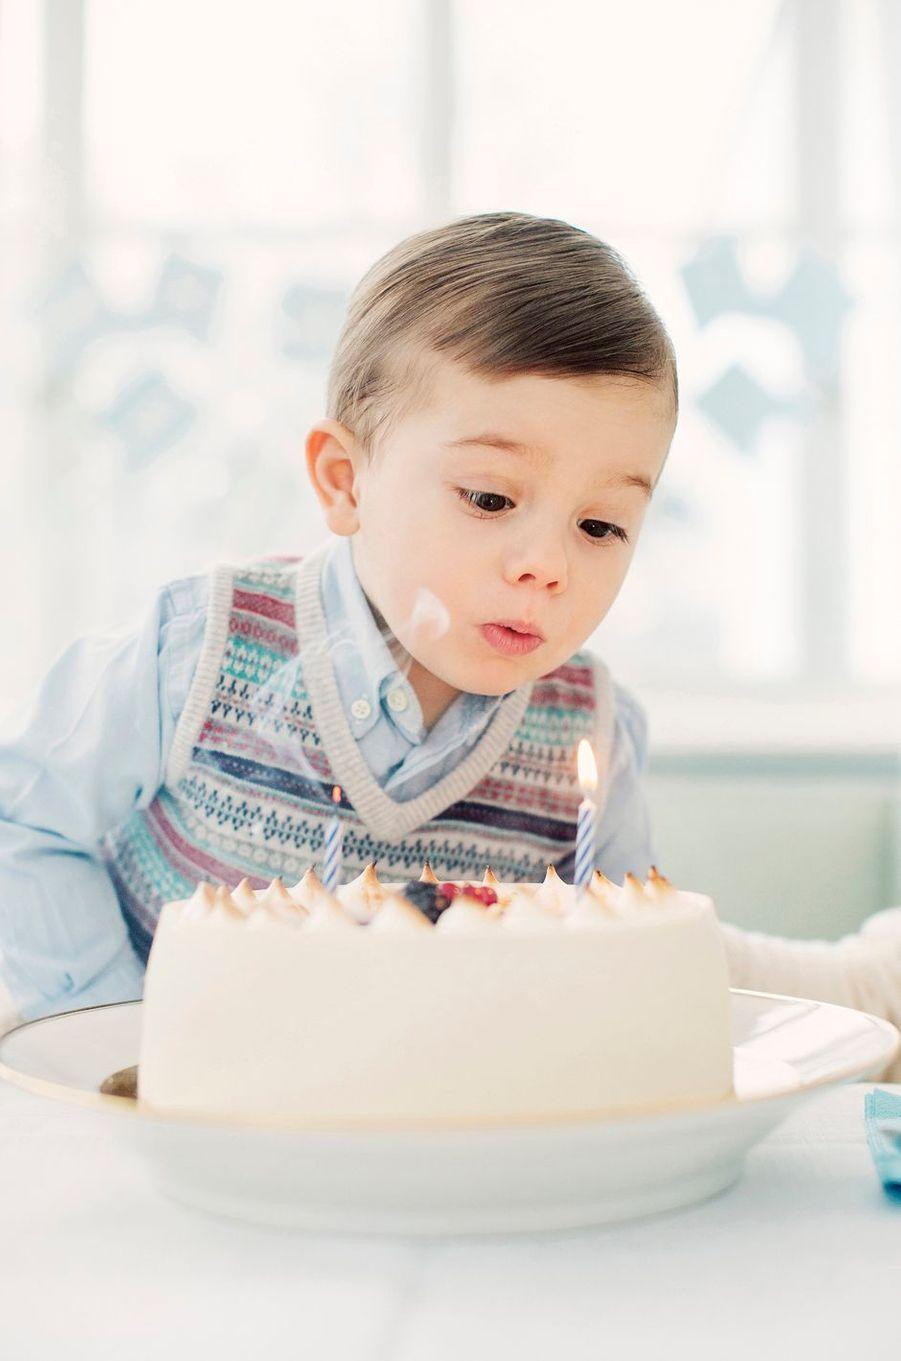 Le prince Oscar de Suède souffle ses bougies. Photo diffusée pour ses 2 ans, le 2 mars 2018